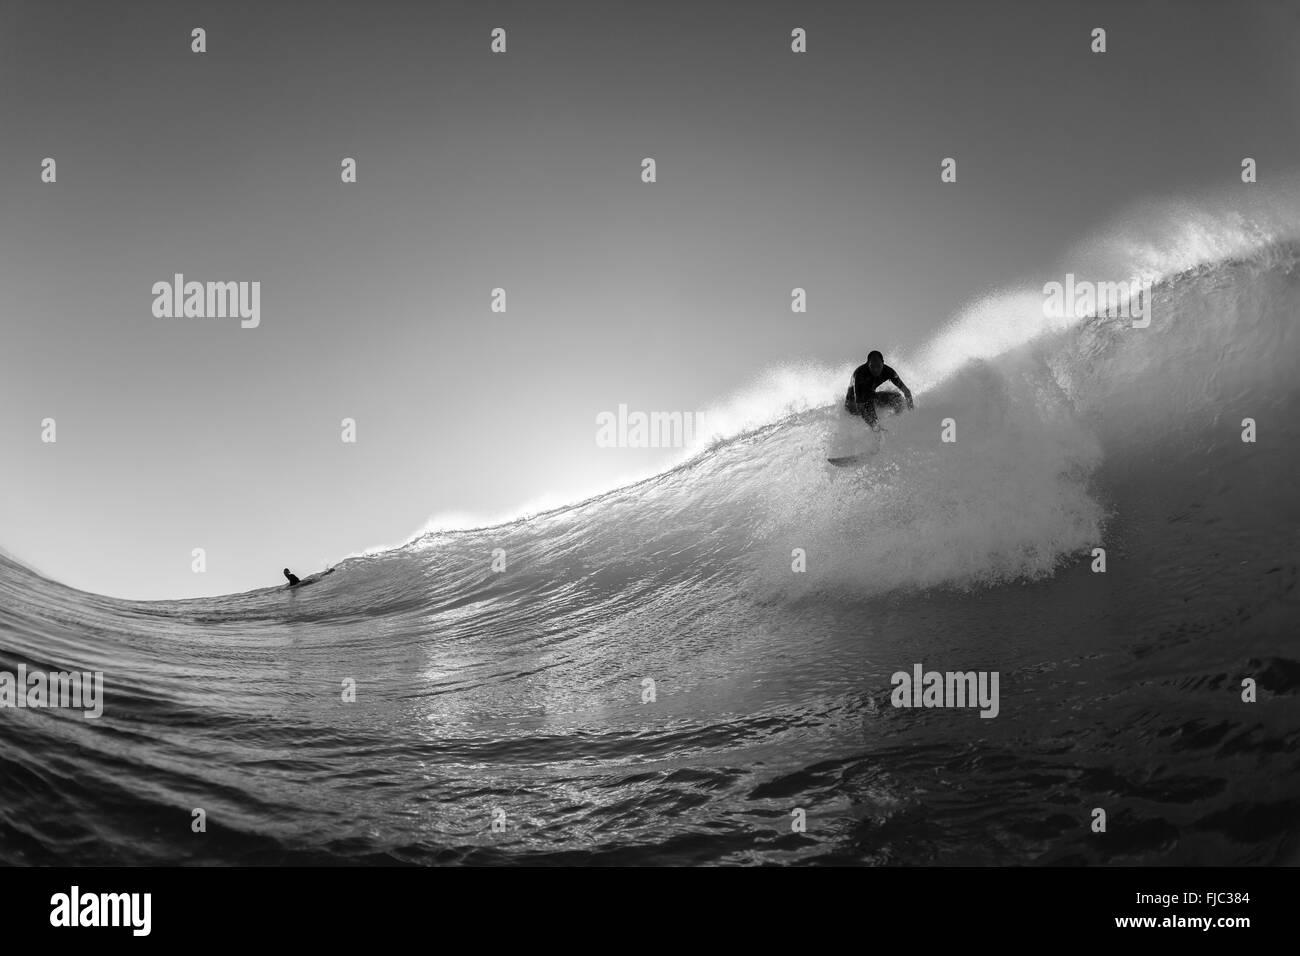 Surf surfer despegue atrapar Rompiendo las olas del océano vintage en blanco y negro Imagen De Stock